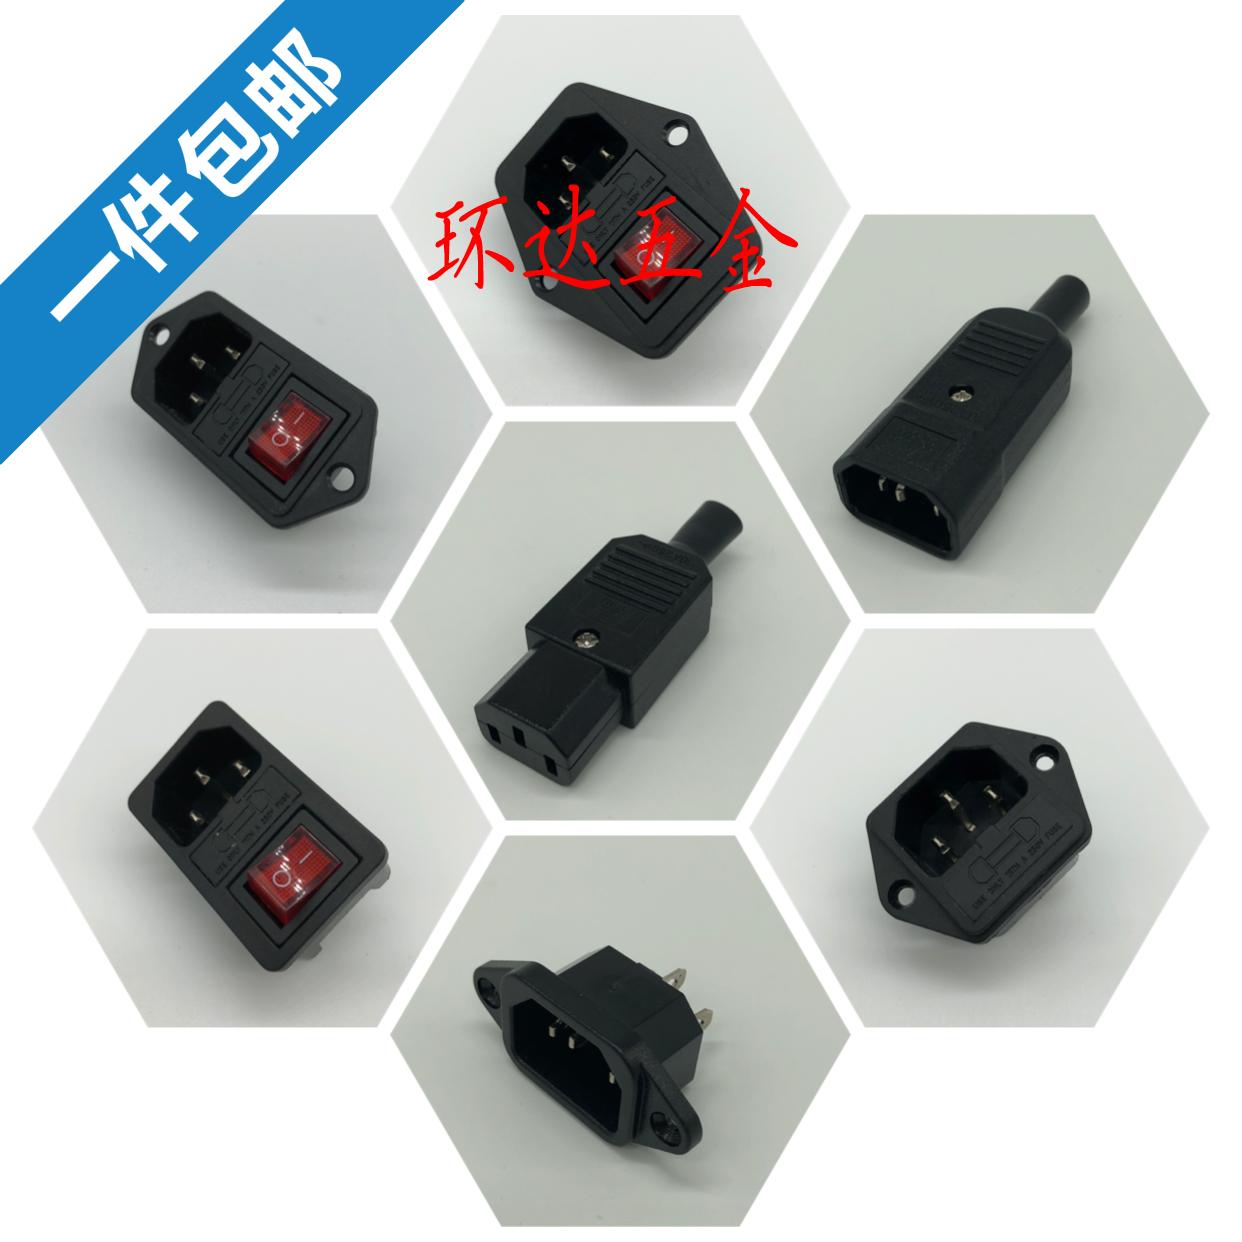 电动车充电品字插头 全铜大电流公母对接头 三孔3针AC电源插座10A